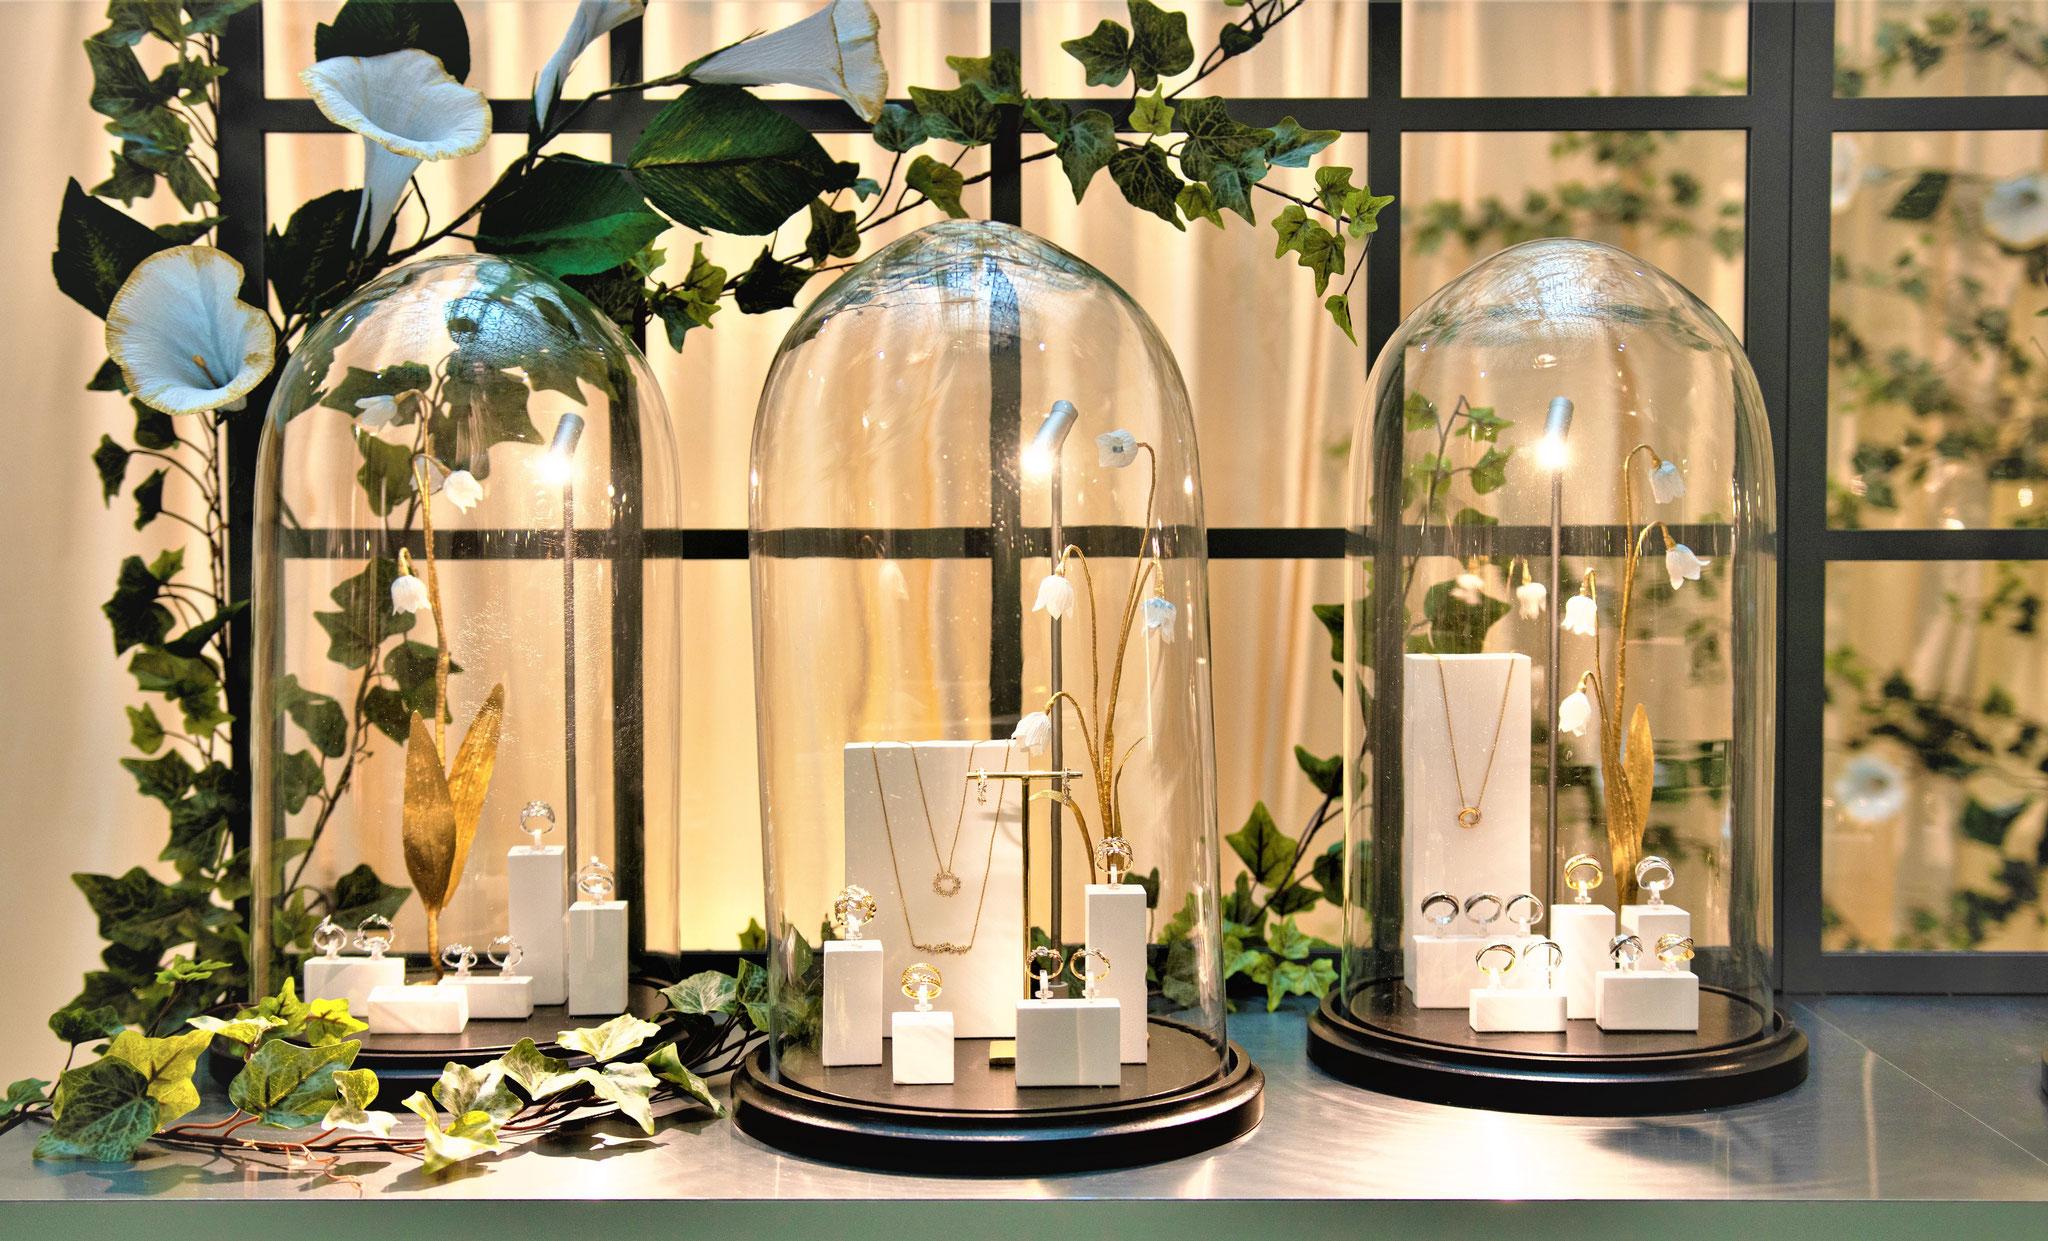 Décoration personnalisée de fleurs en papier, fleurs dorées clochettes dans de cloches en verre